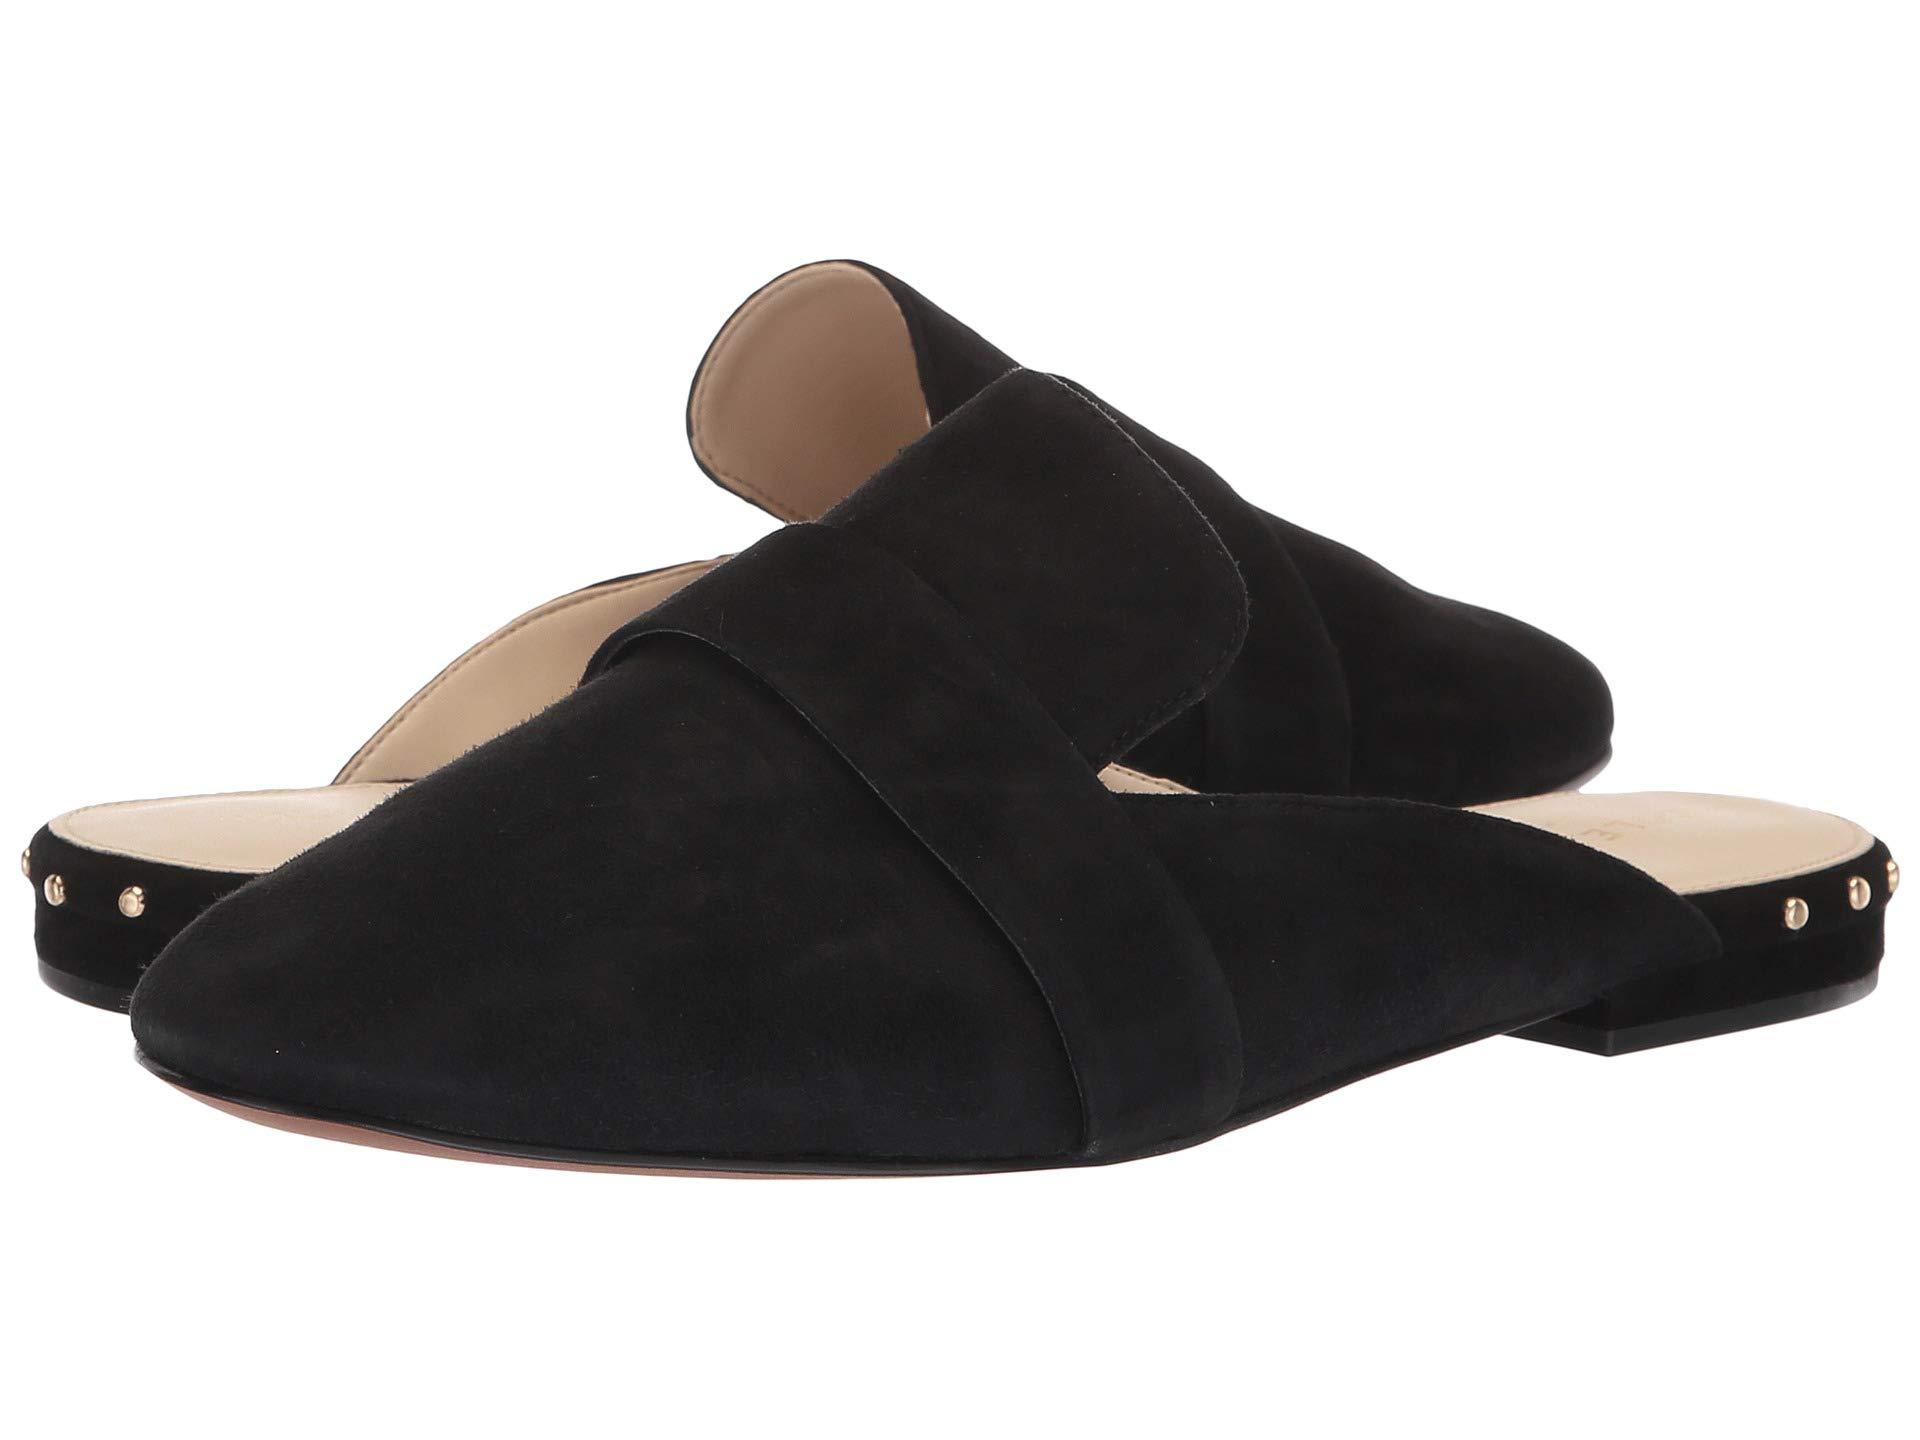 Baletas para Mujer Cole Haan Deacon Loafer Mule  + Cole Haan en VeoyCompro.net